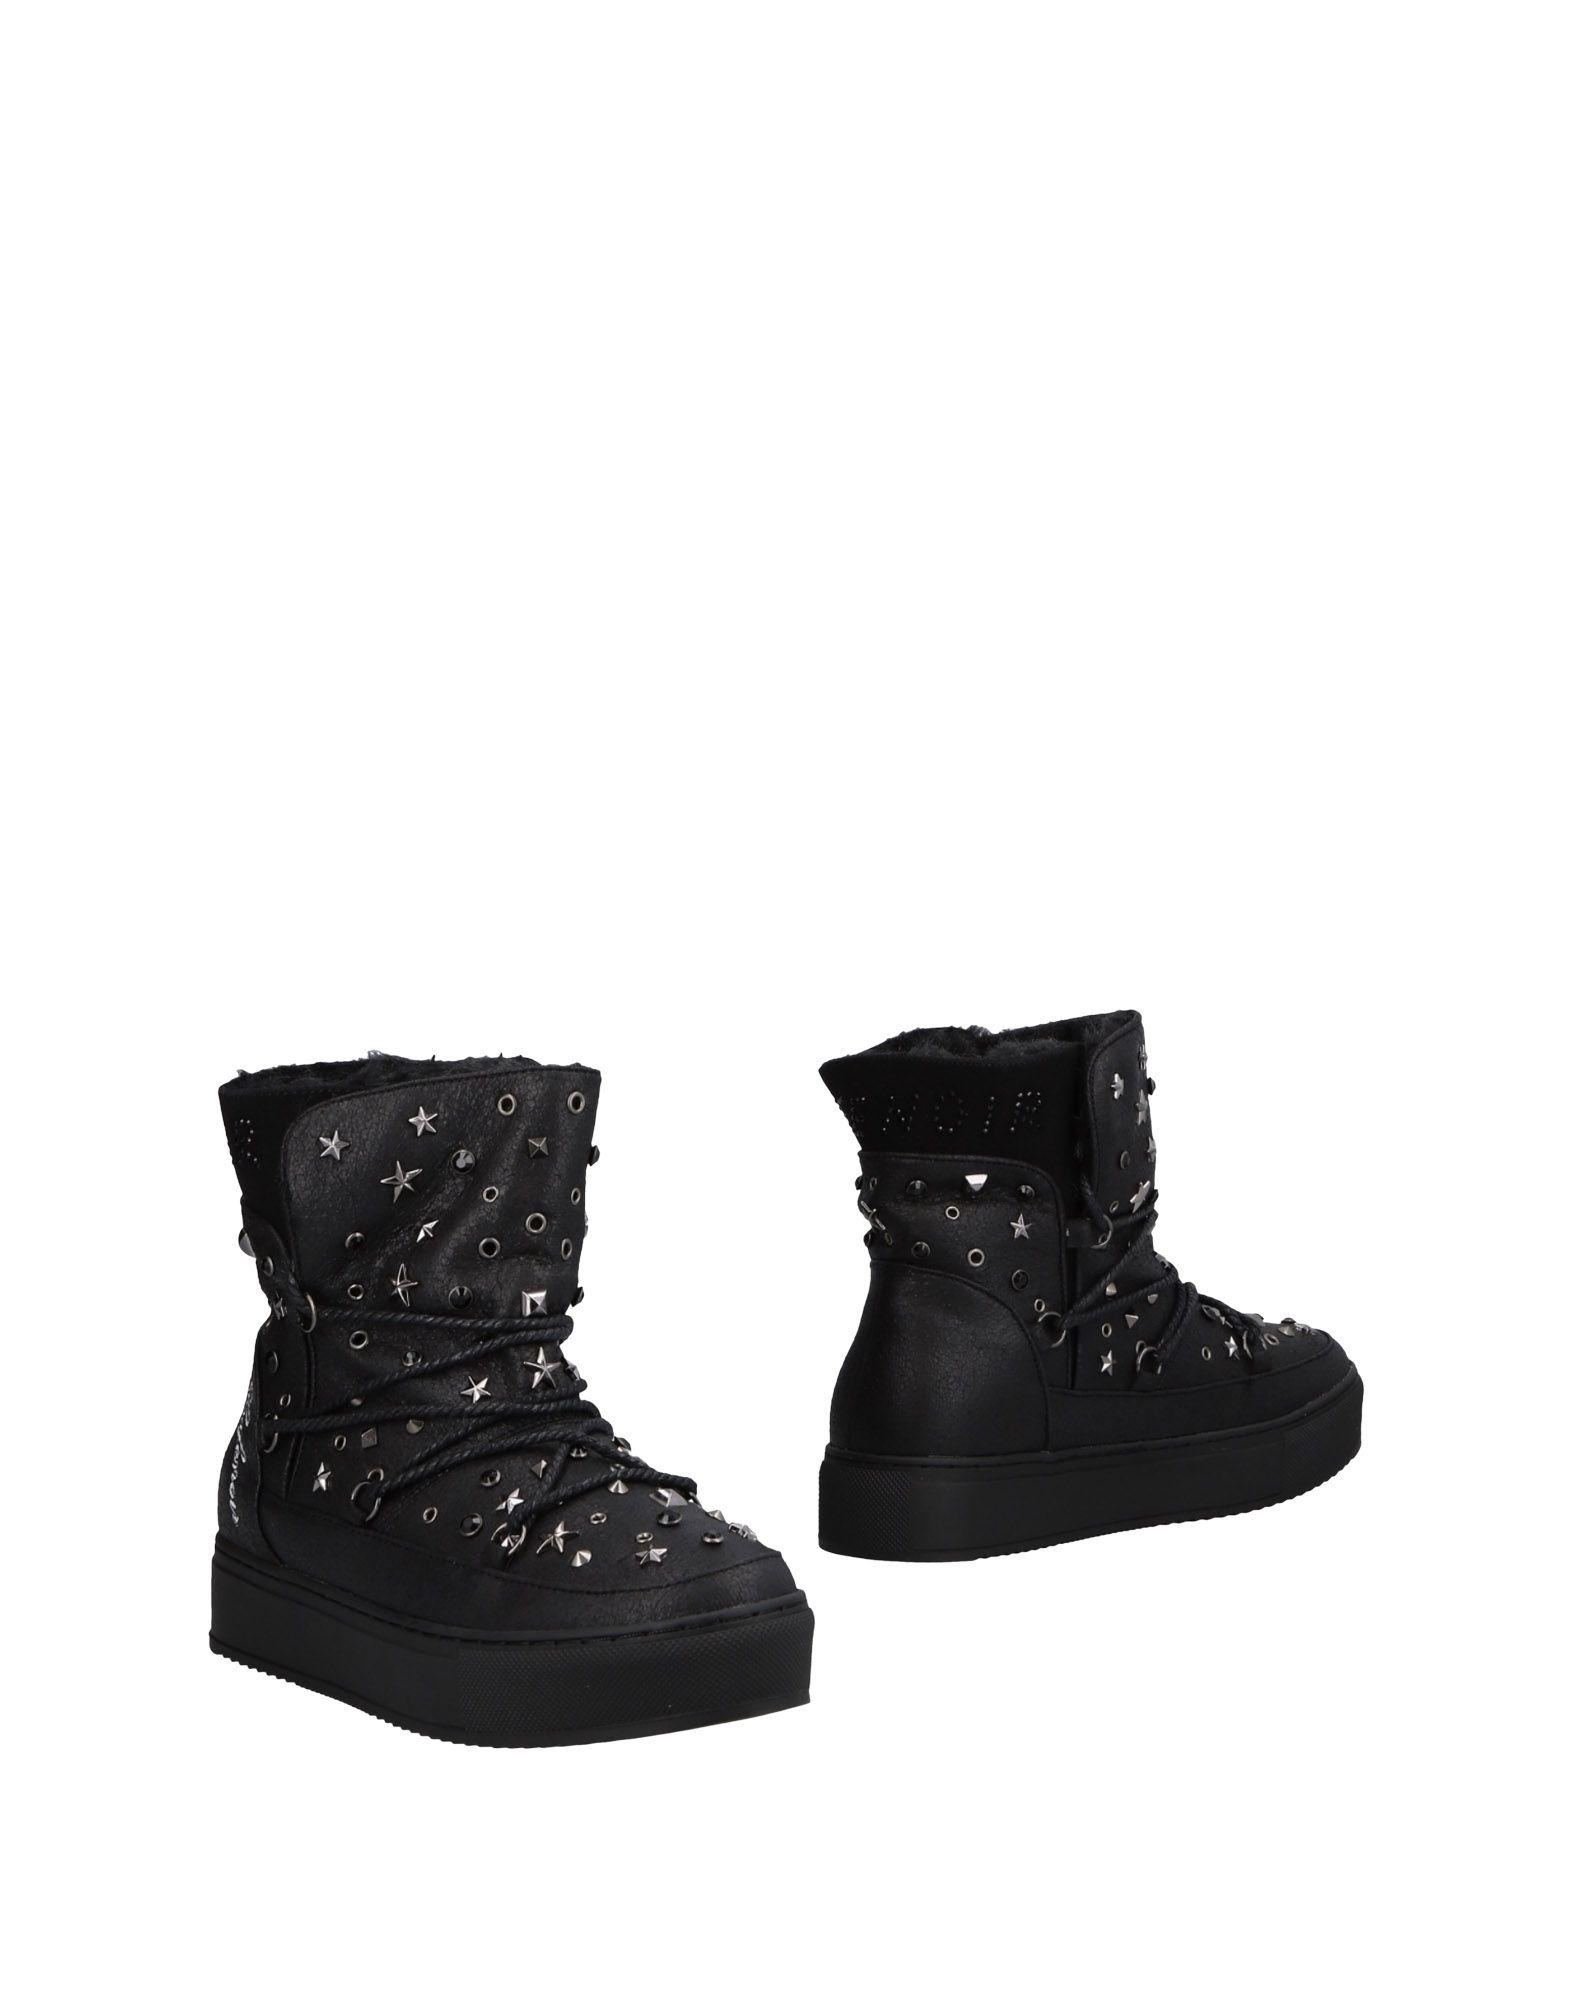 Cafènoir Stiefelette Gute Damen  11478357UJ Gute Stiefelette Qualität beliebte Schuhe 4adf58